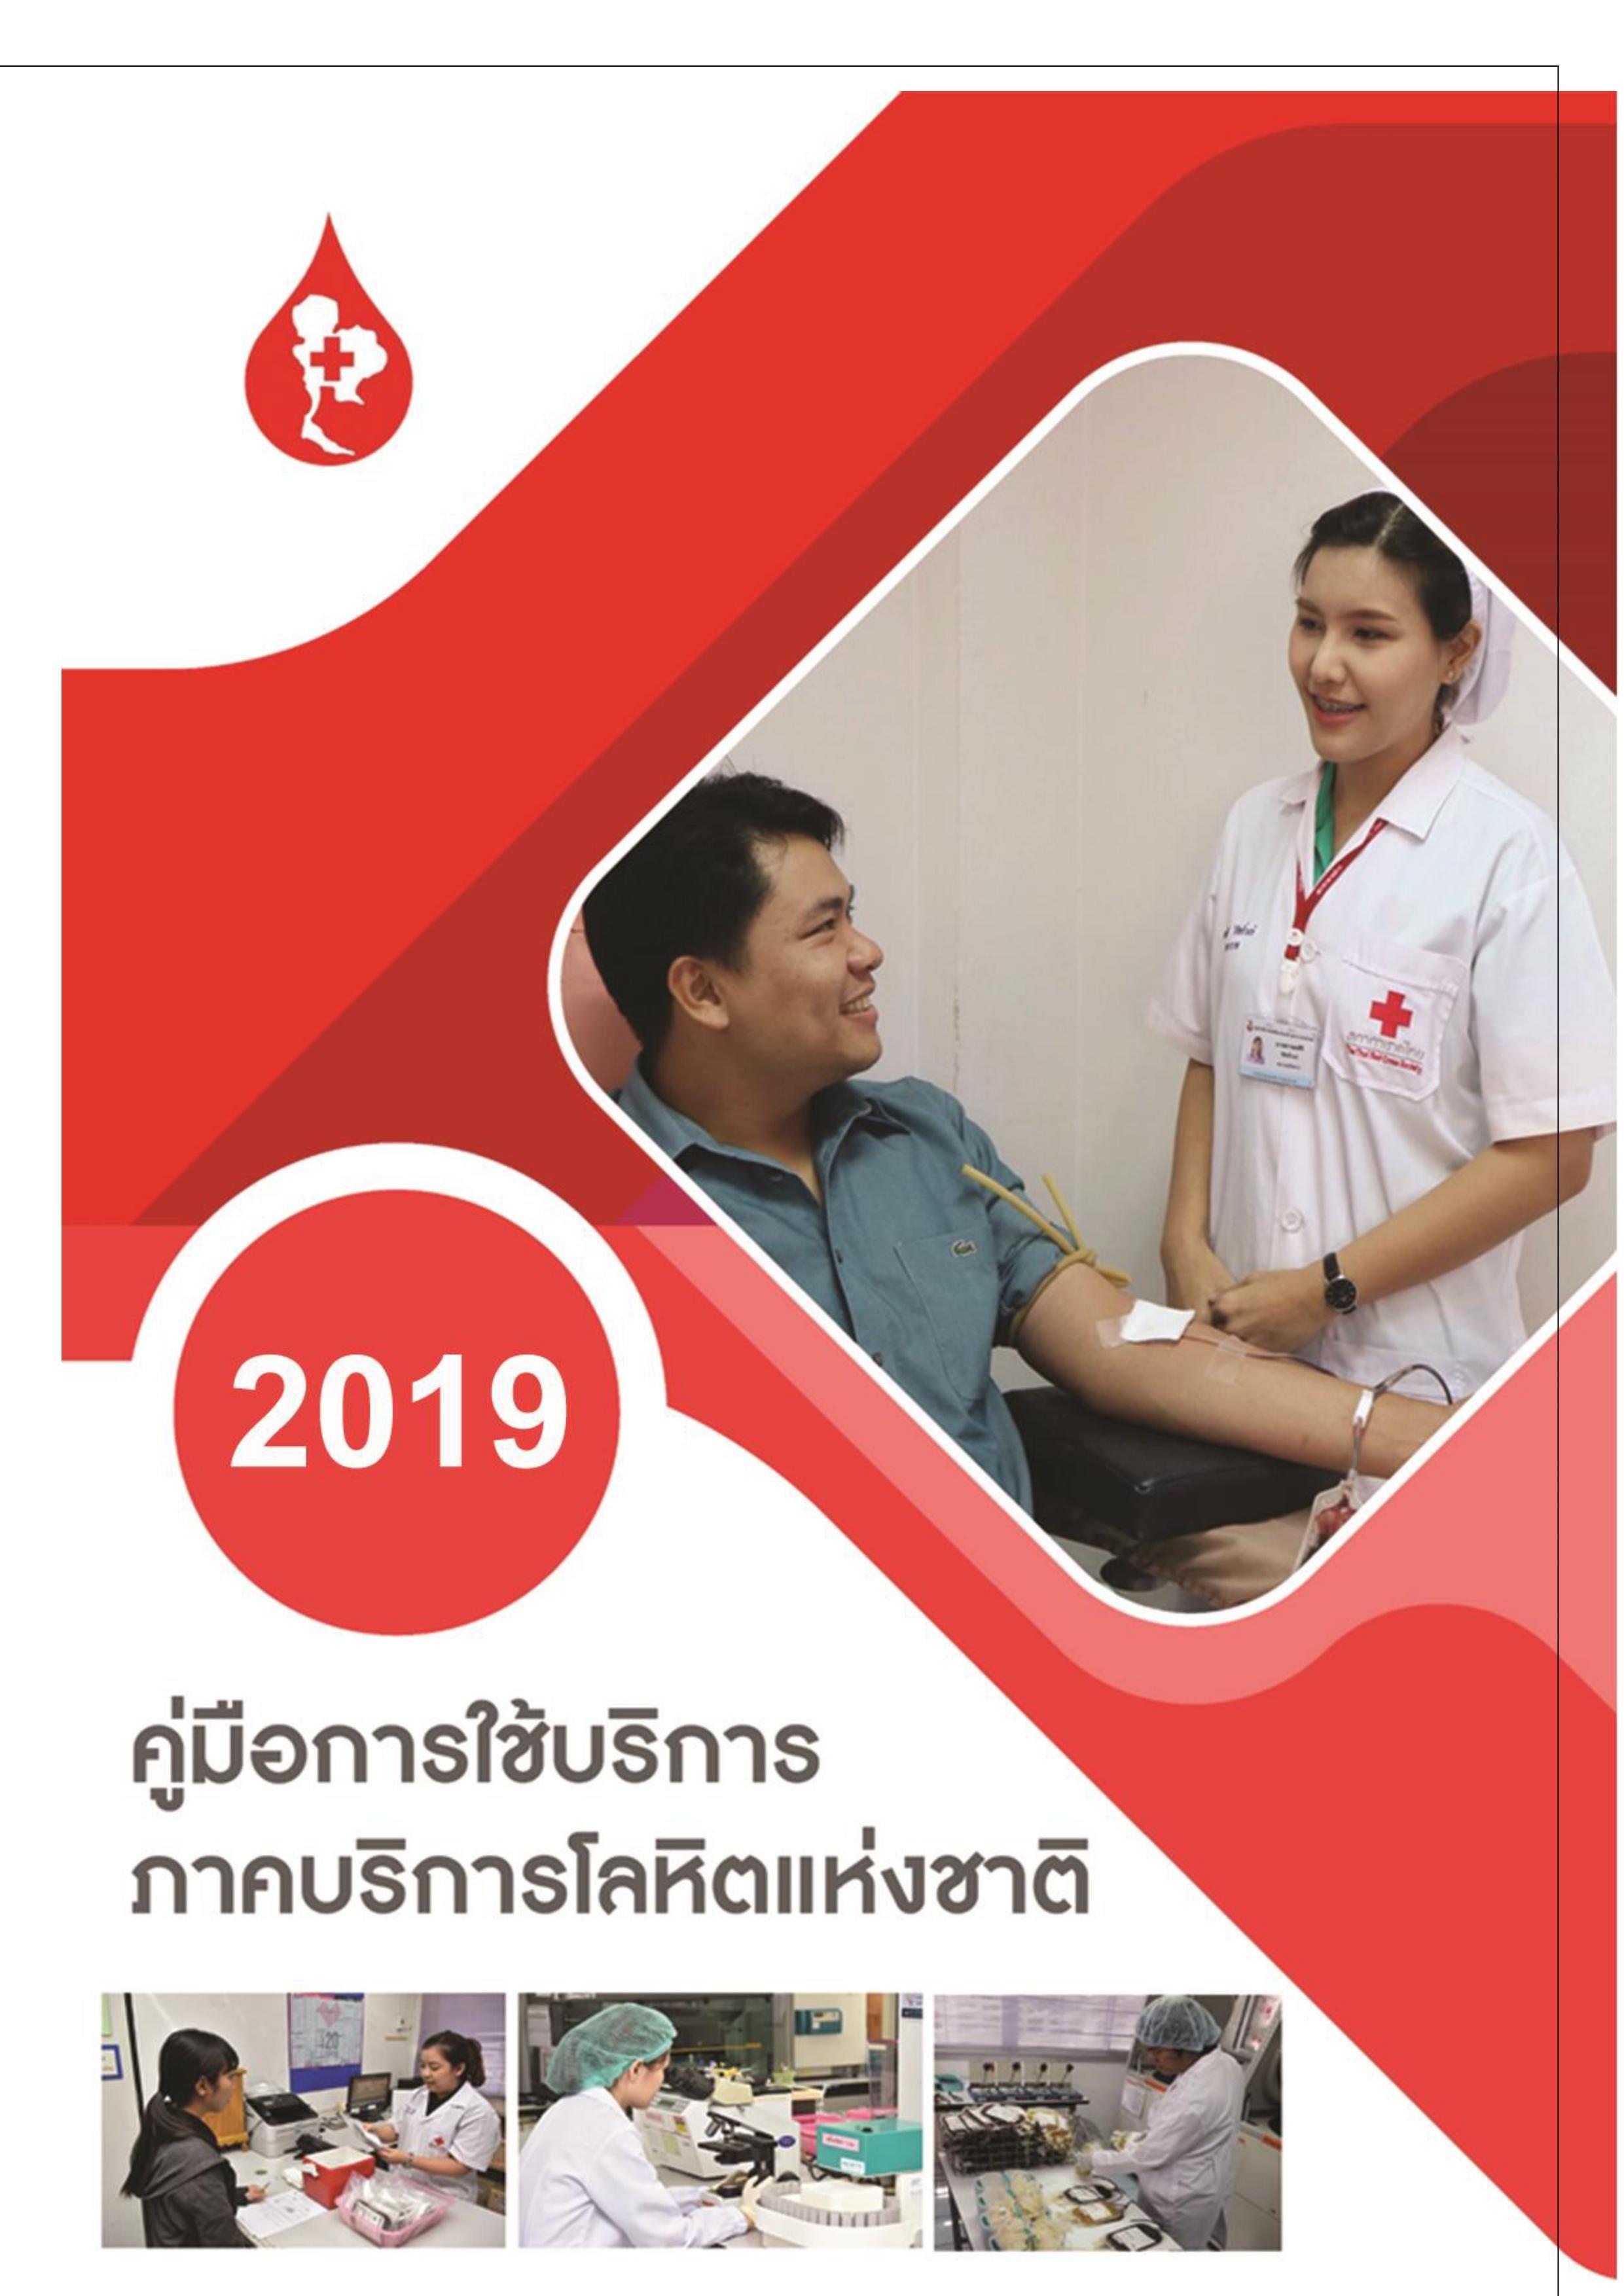 คู่มือการใช้บริการภาคบริการโลหิตแห่งชาติ สภากาชาดไทย ปี 2562